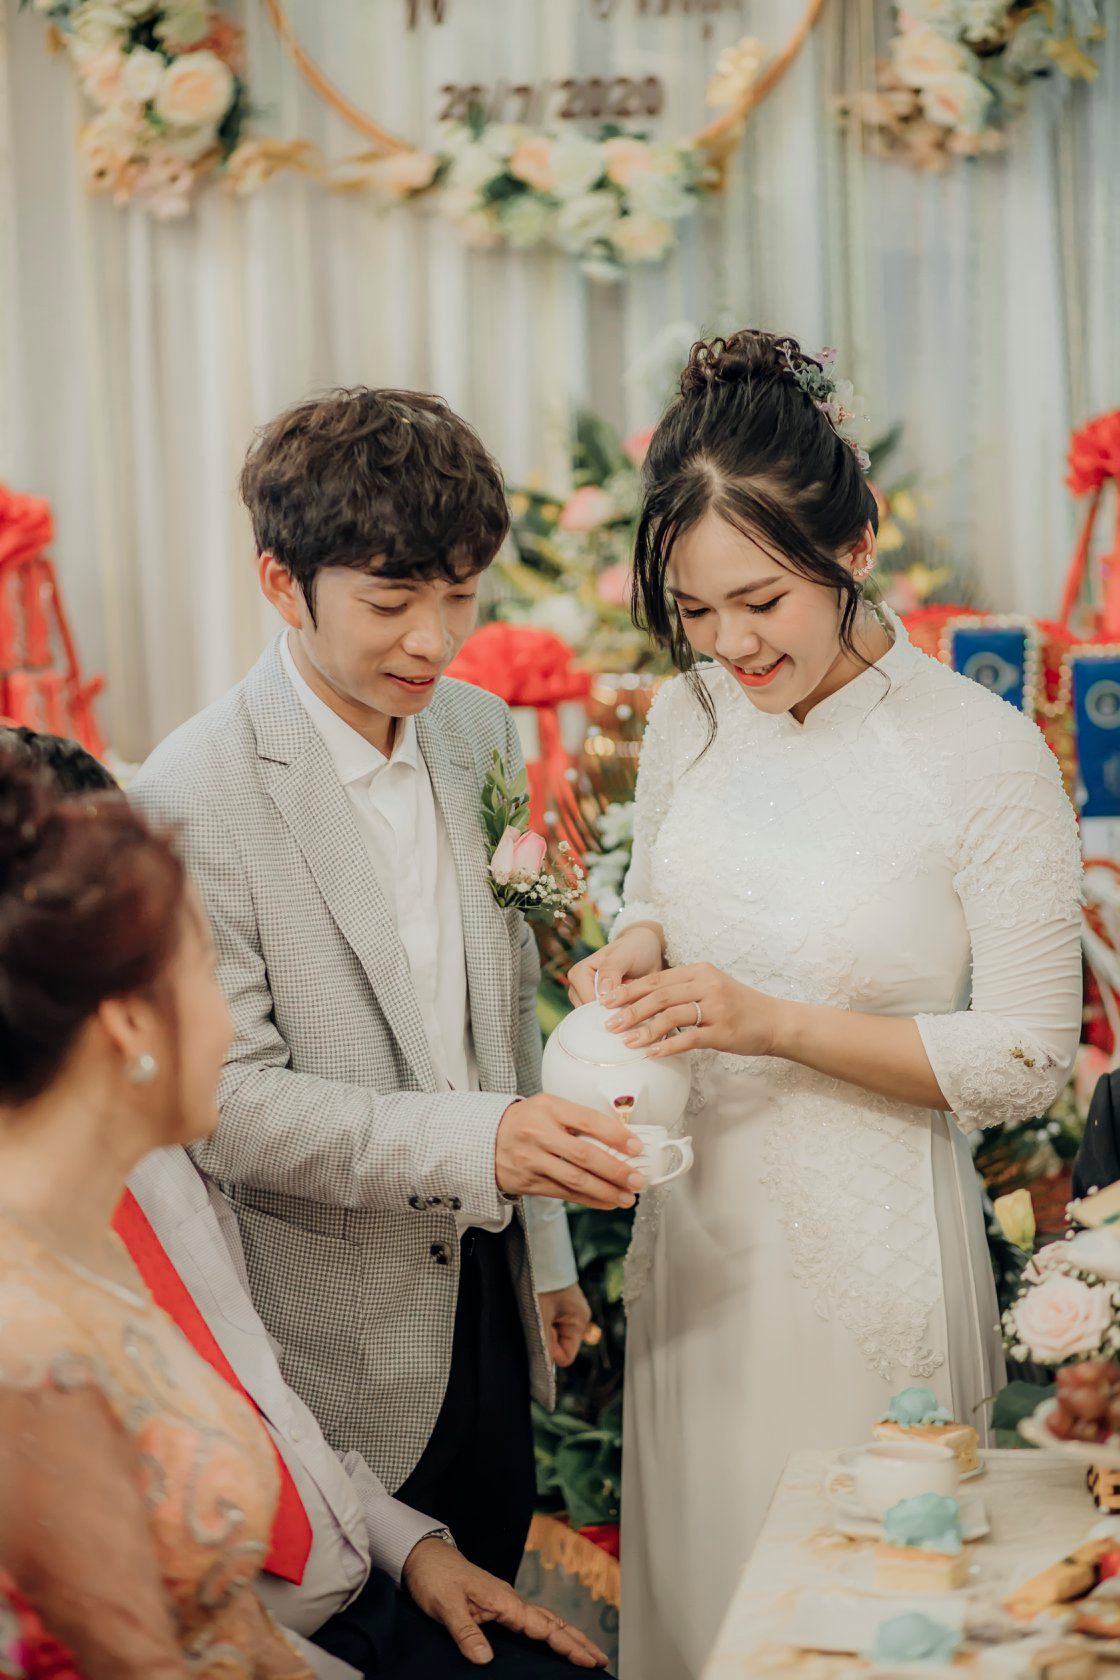 Kịch bản quay phóng sự cưới sáng tạo cho hôn lễ của đôi bạn